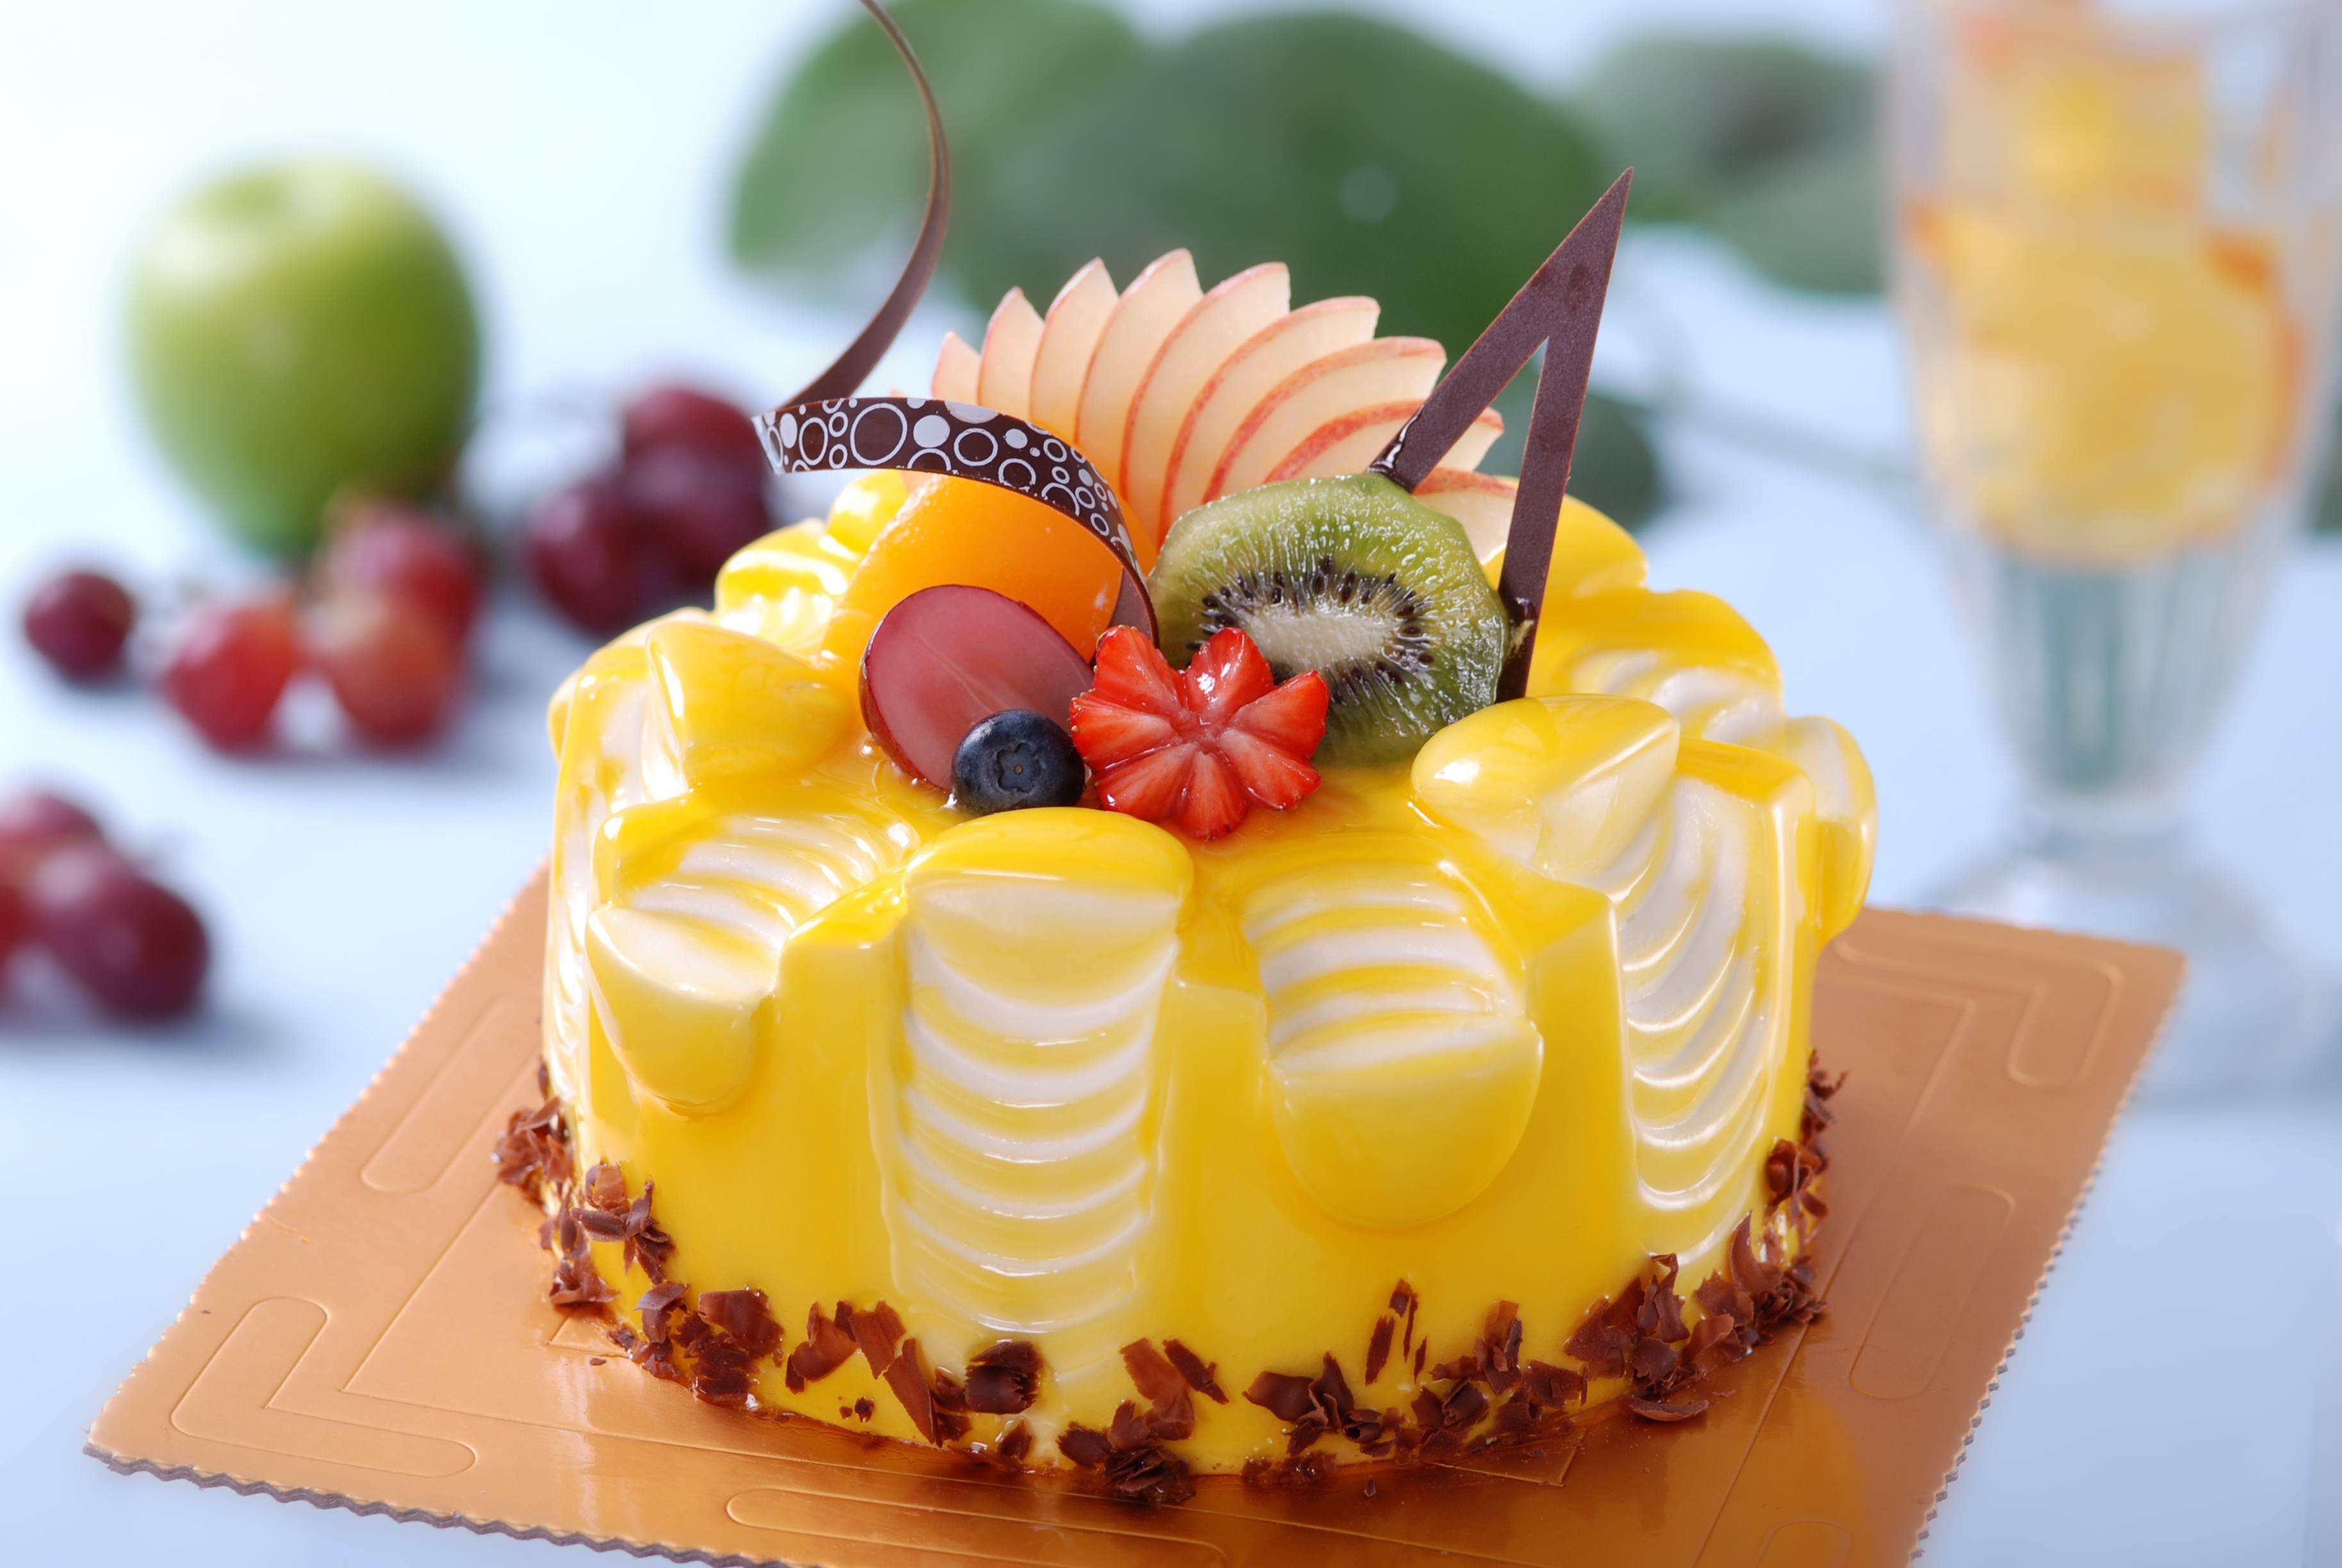 这里有造型奇特的美味蛋糕,这里有久负盛名的西点大师,还有各路女神